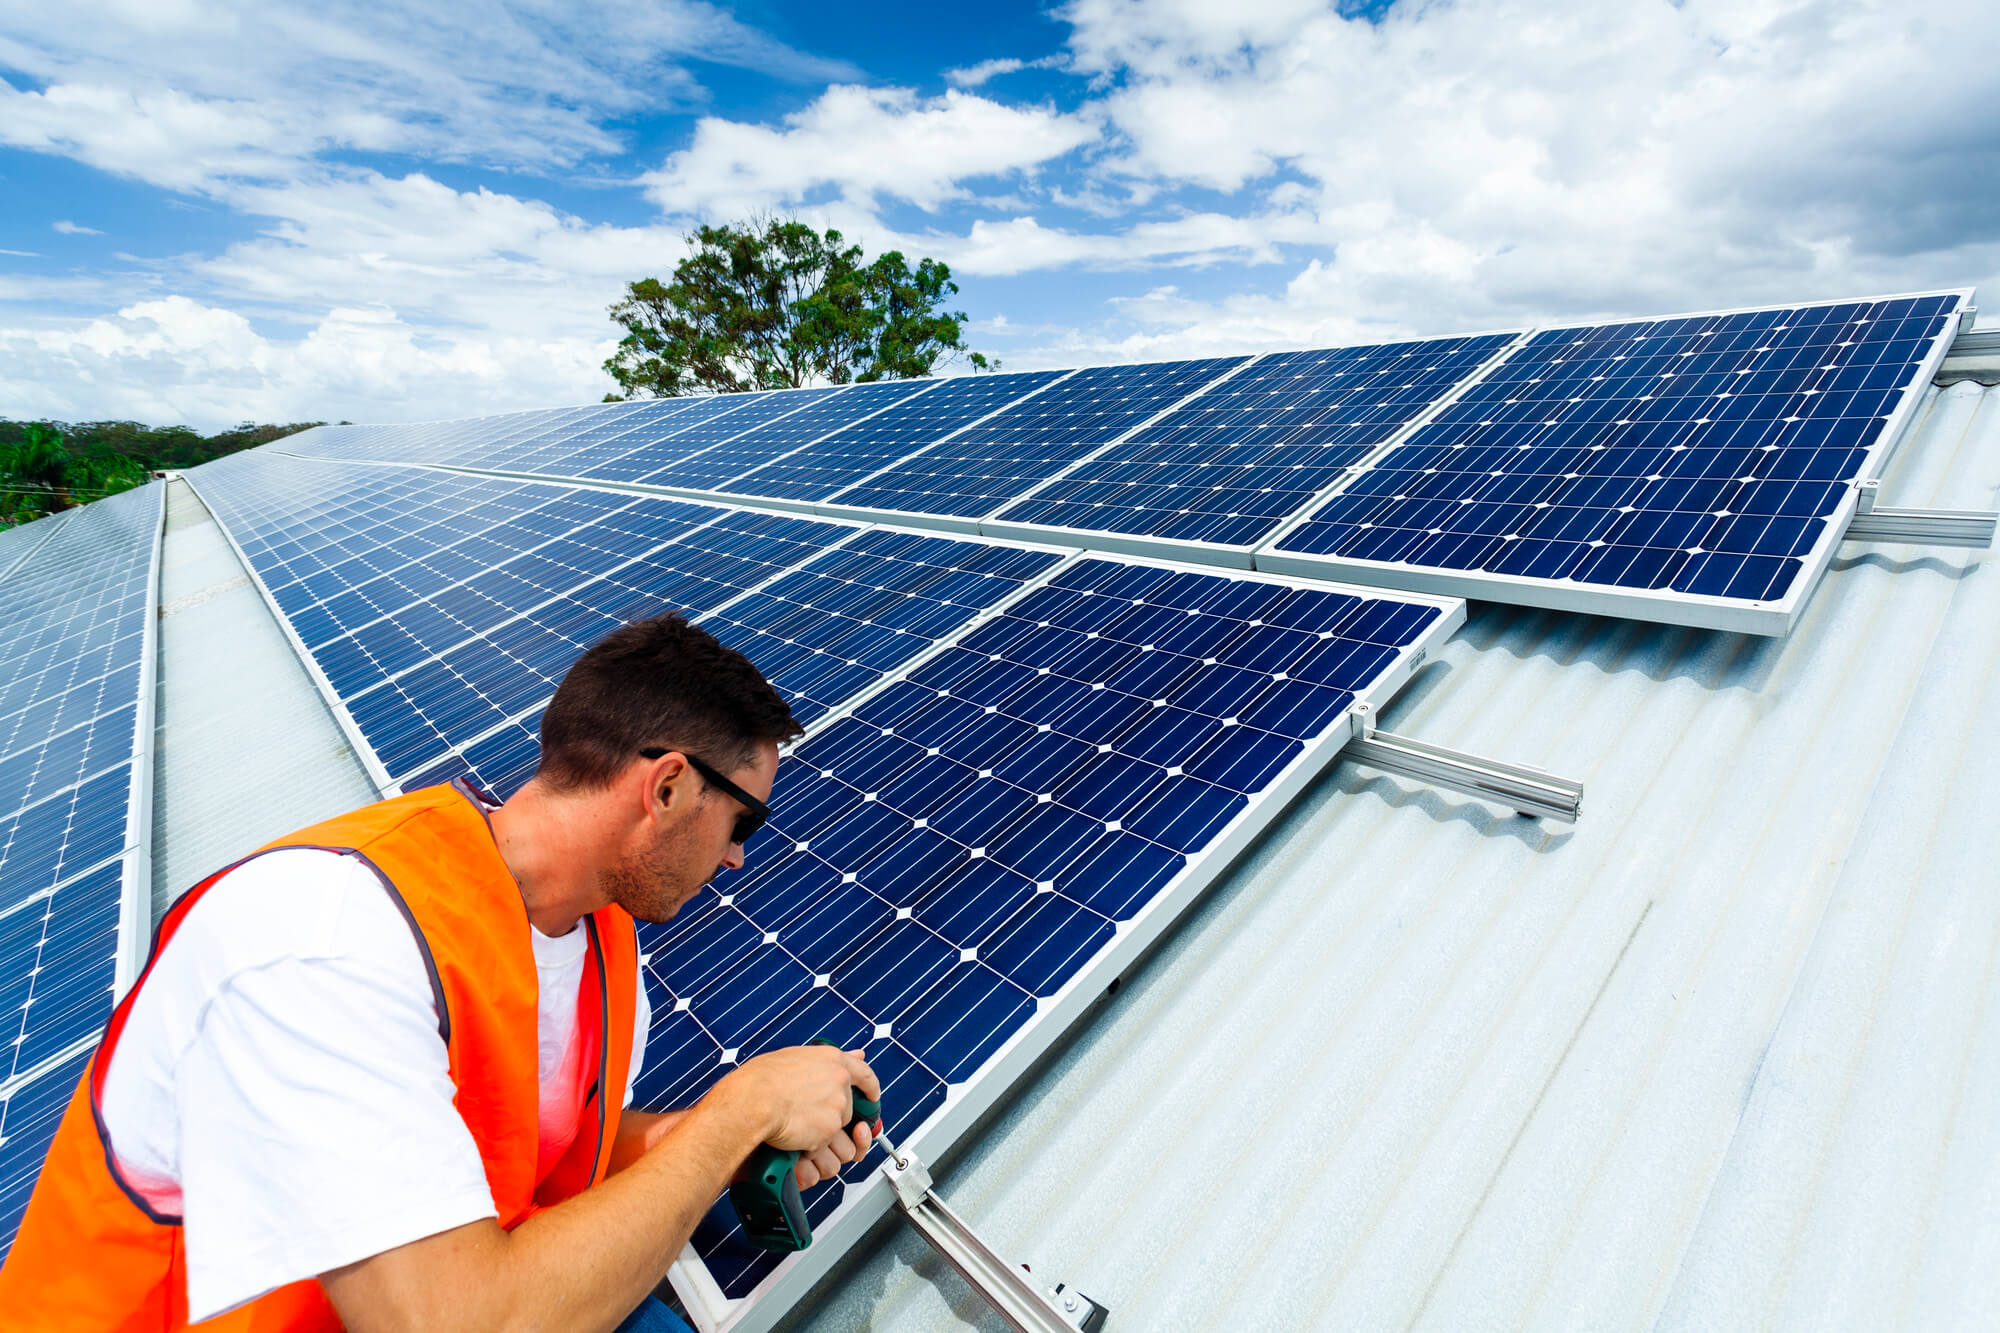 Você sabe o que é um kit de energia solar? Descubra aqui